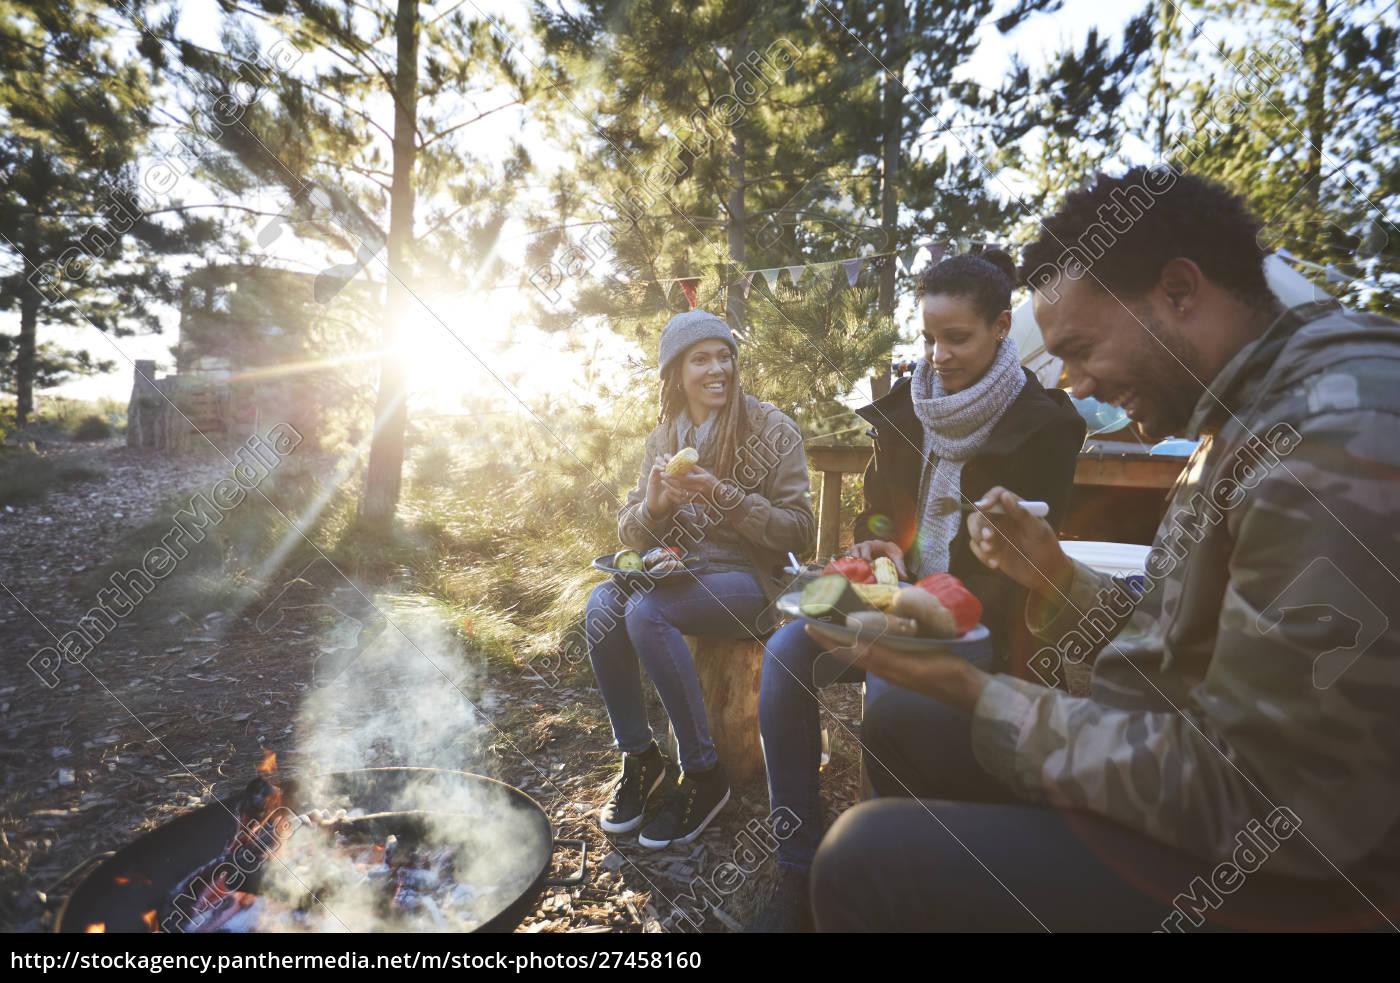 glade, venner, spiser, på, solrig, campingplads - 27458160